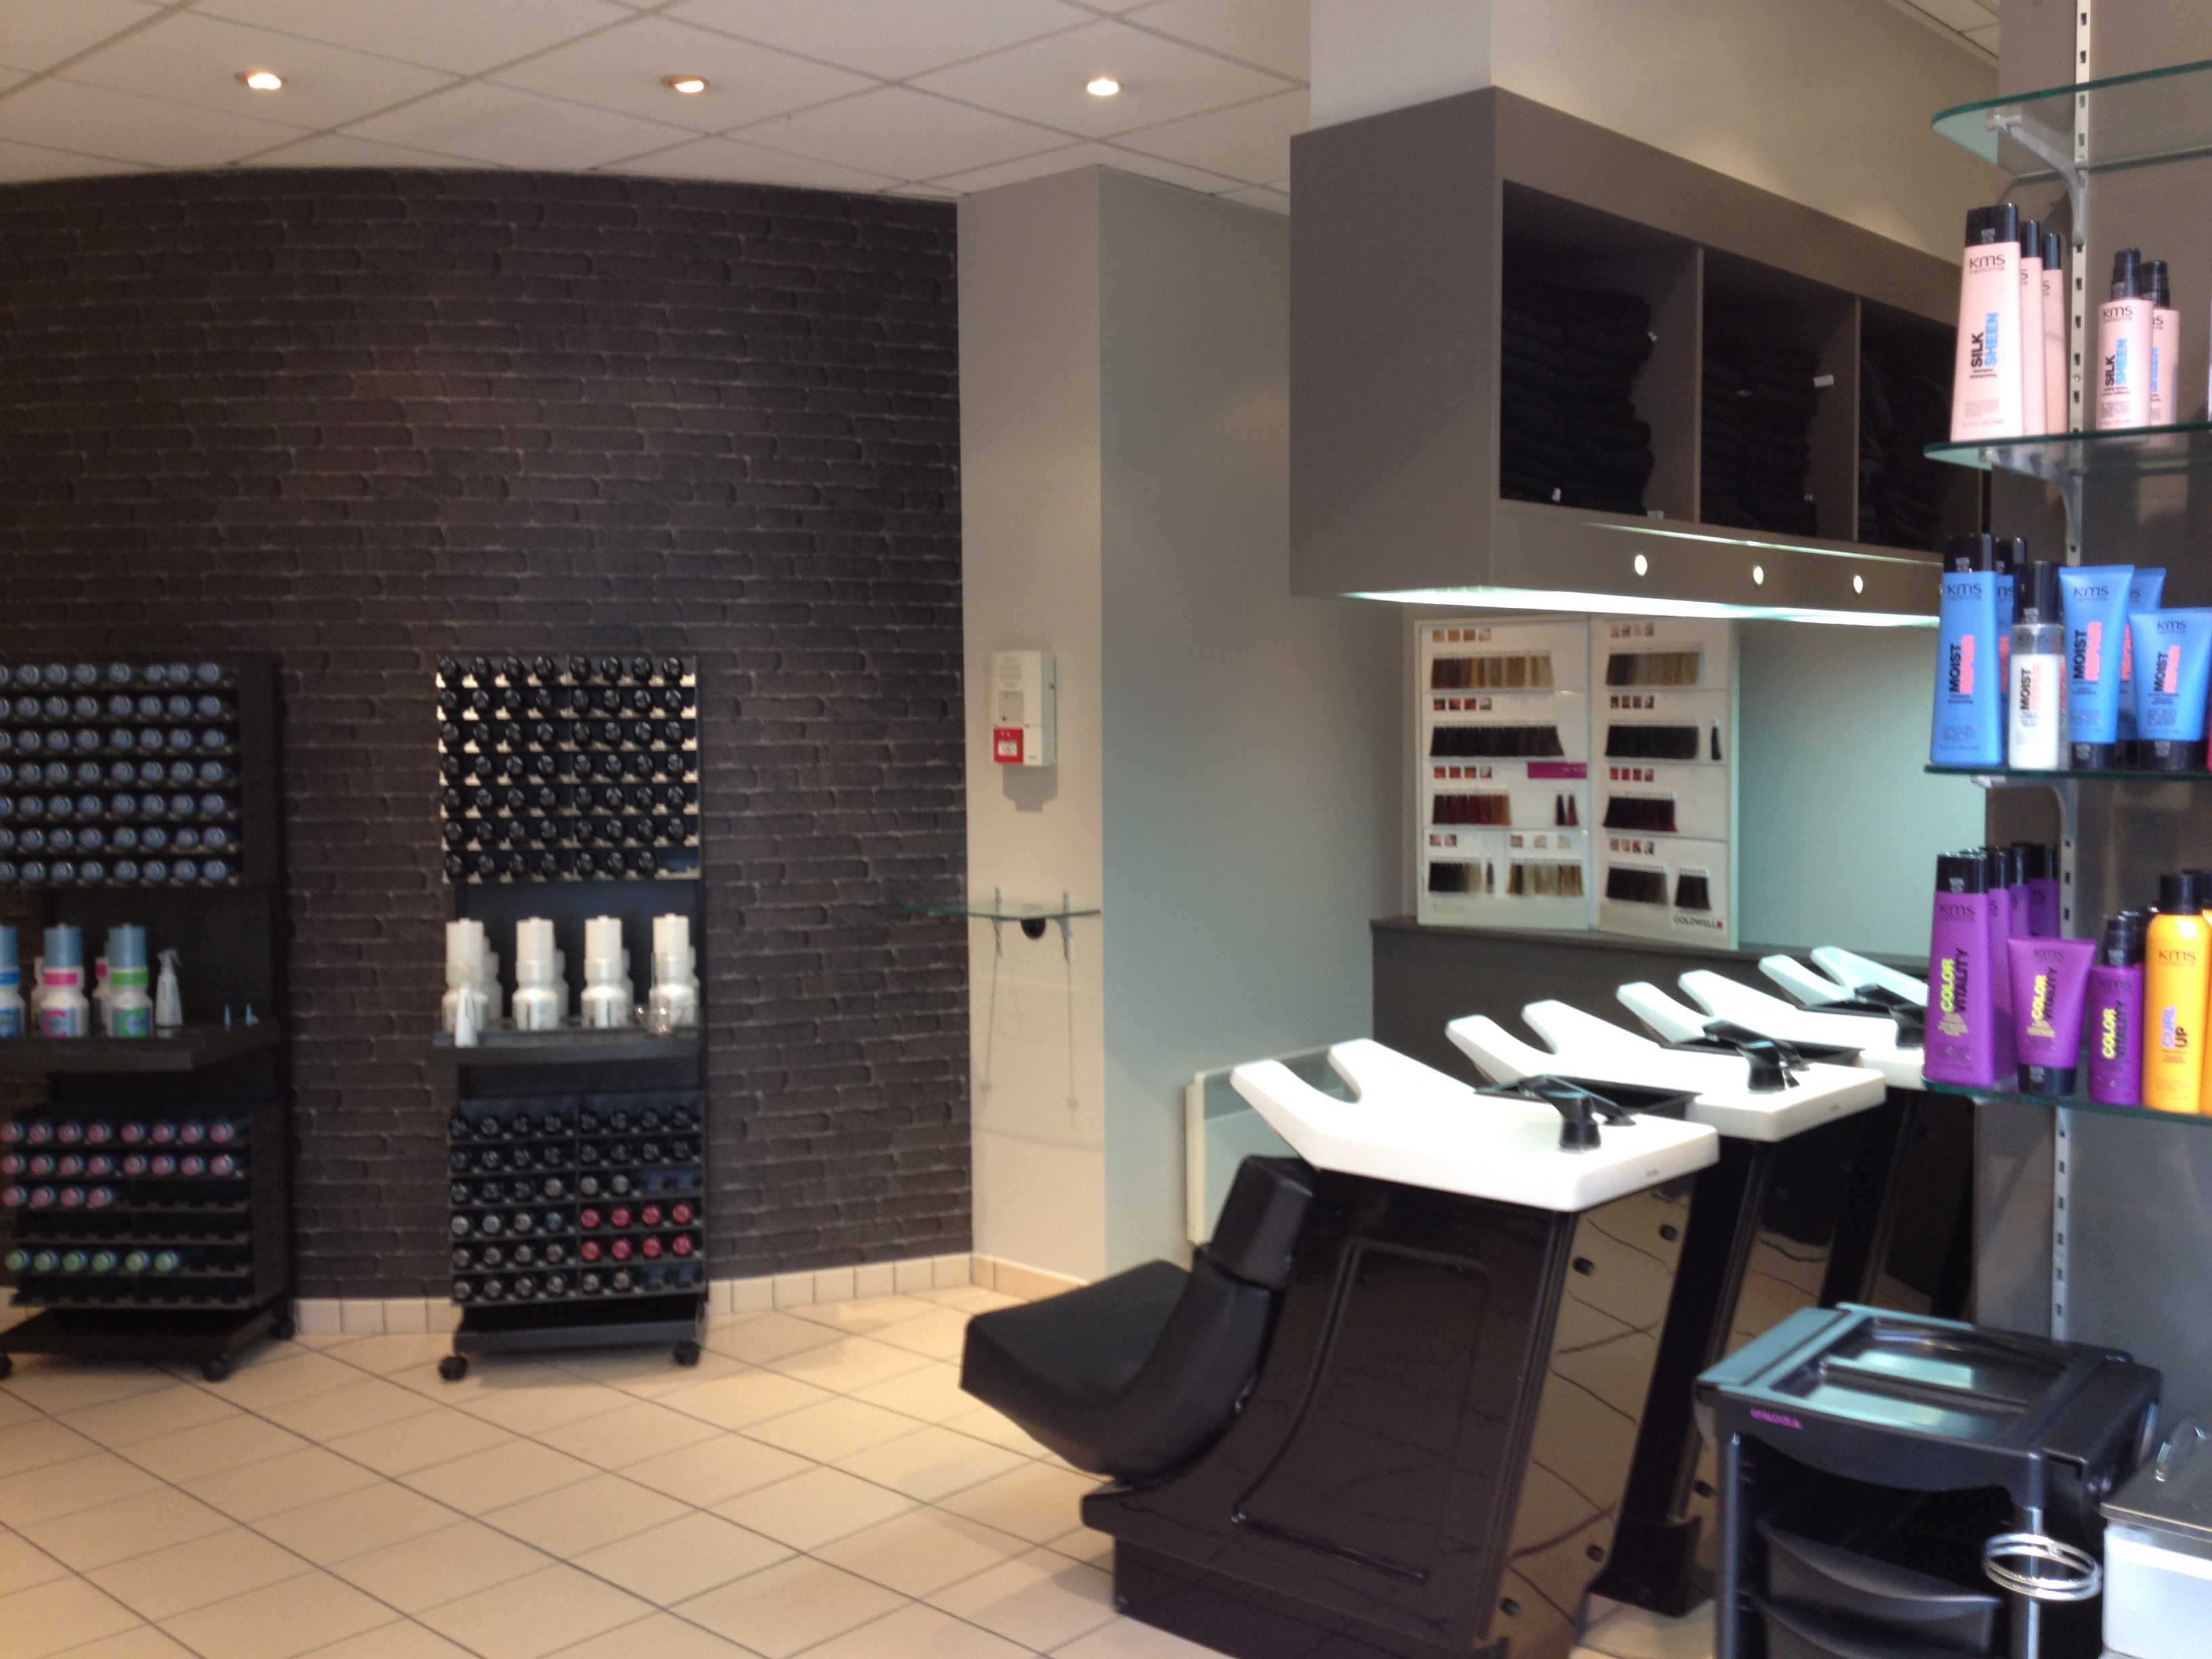 Les coiffeurs au carr clermont ferrand avis tarifs for Salon de coiffure clermont ferrand